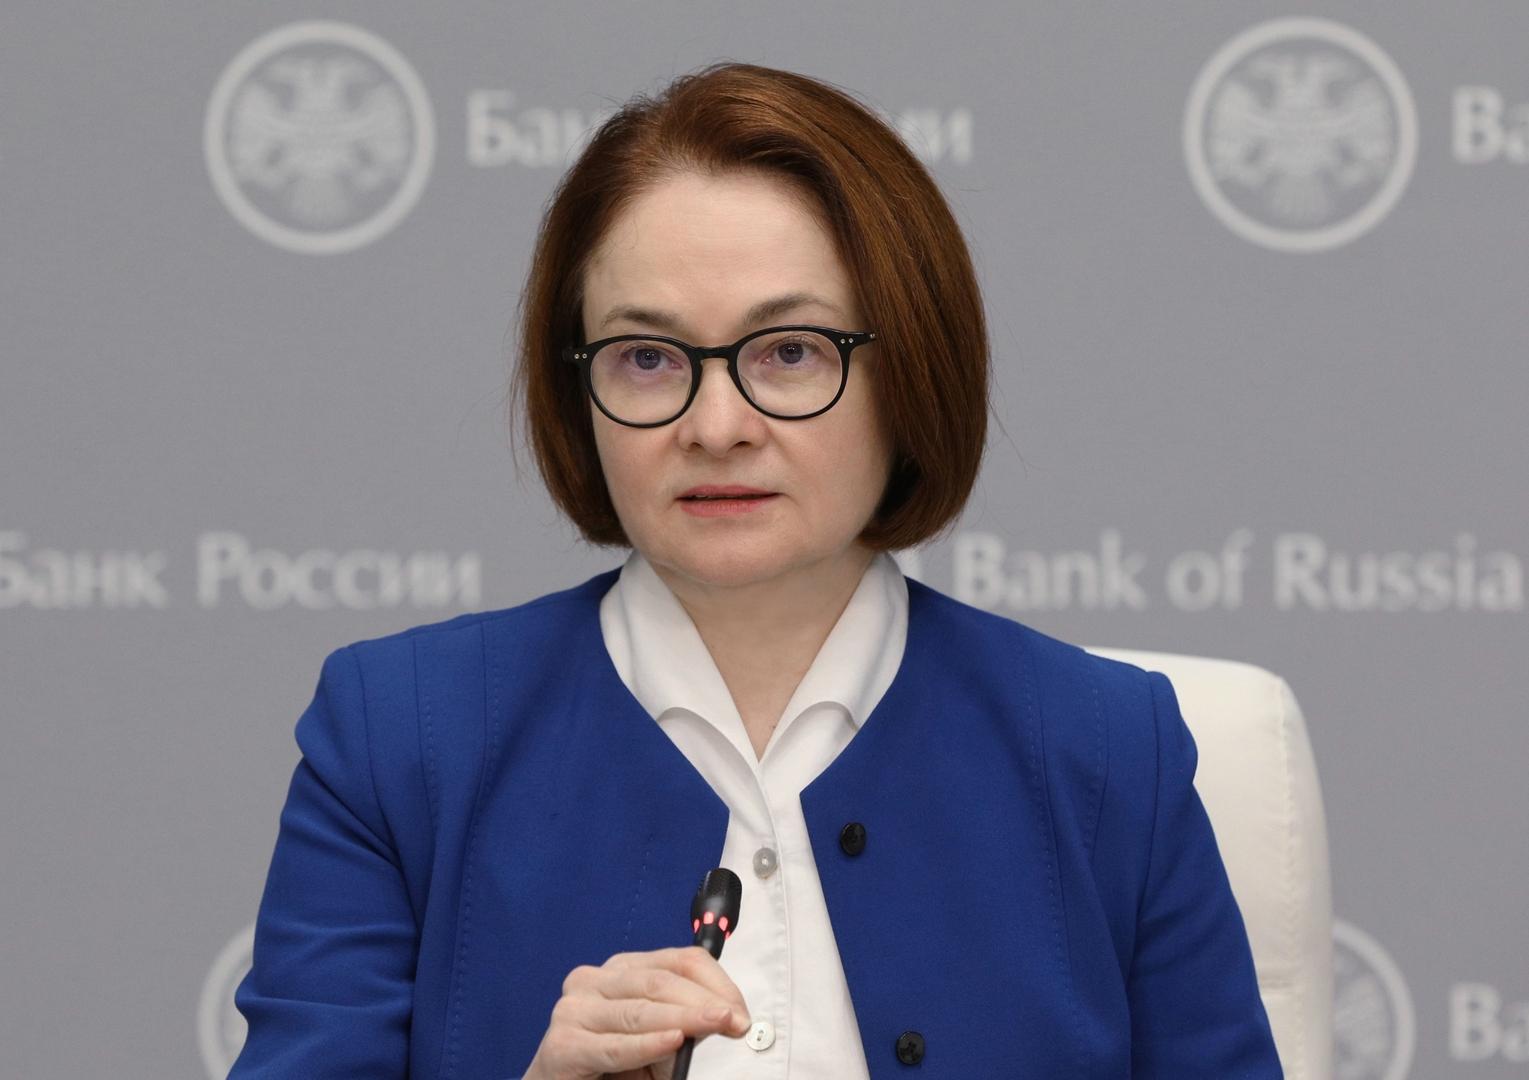 رئيسة البنك المركزي الروسي إلفيرا نابيؤلينا